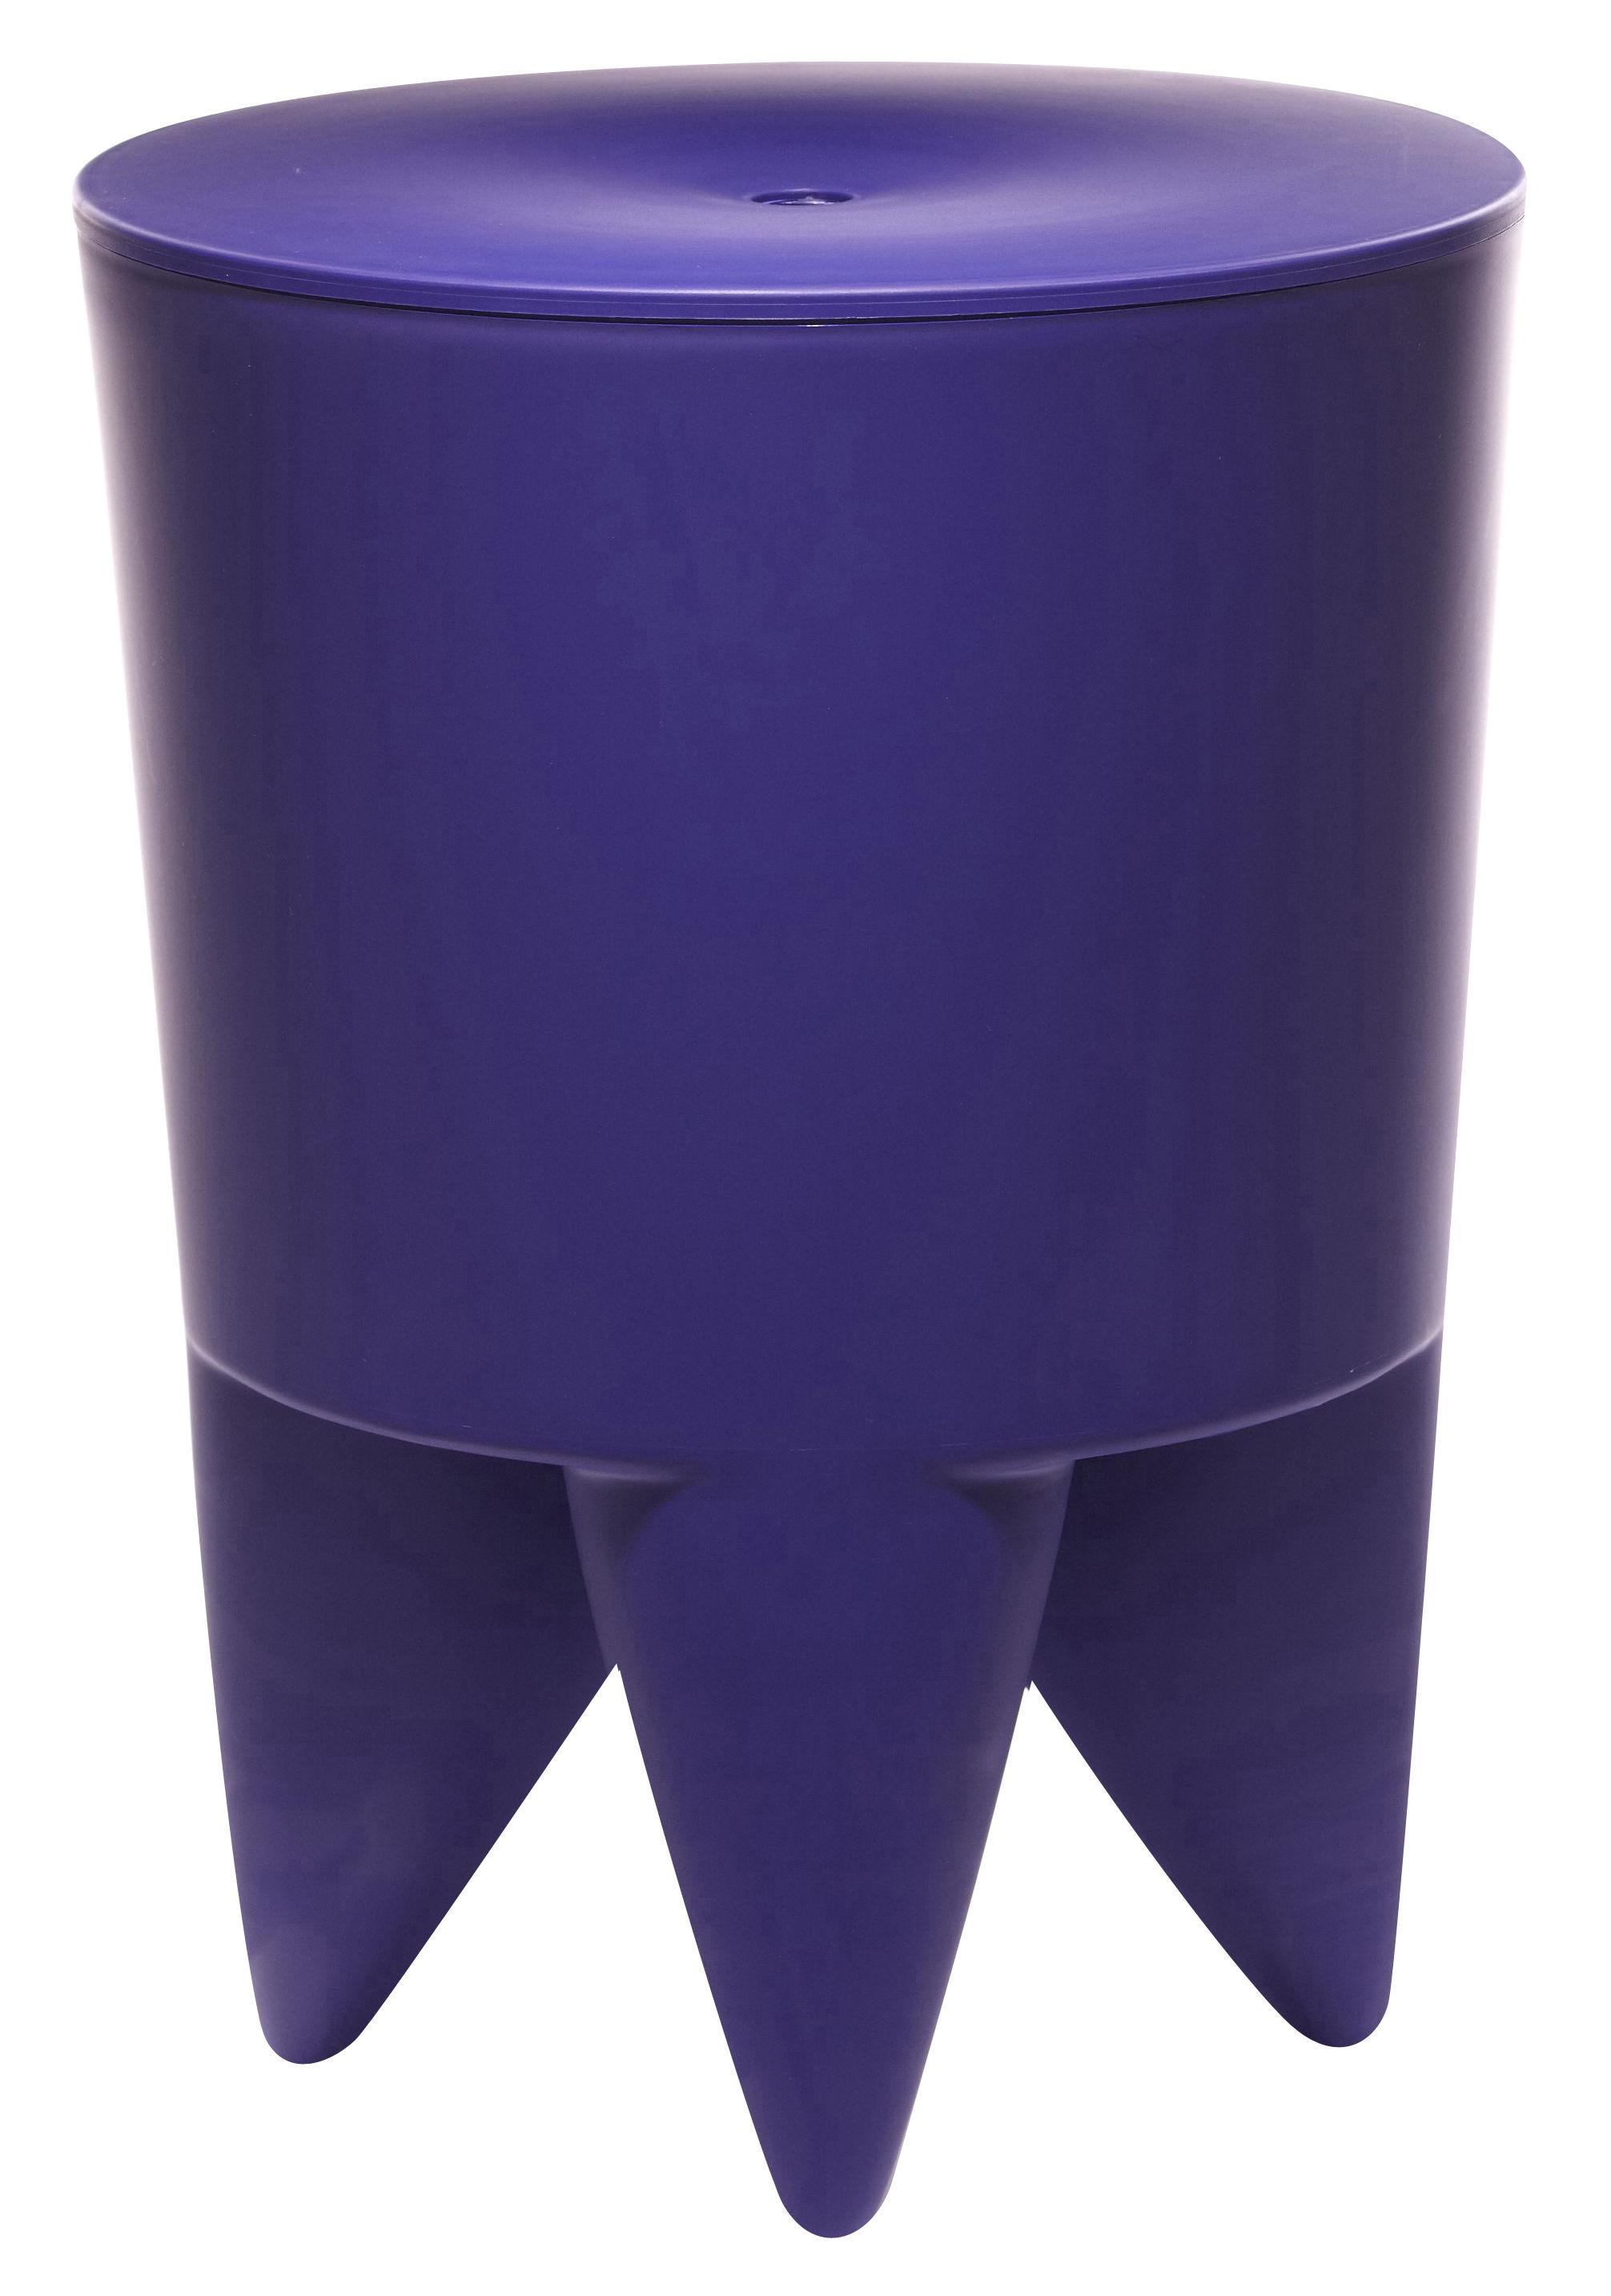 Arredamento - Mobili Ados  - Sgabello New Bubu 1er - Opaco di XO - Viola oltremare - Polipropilene